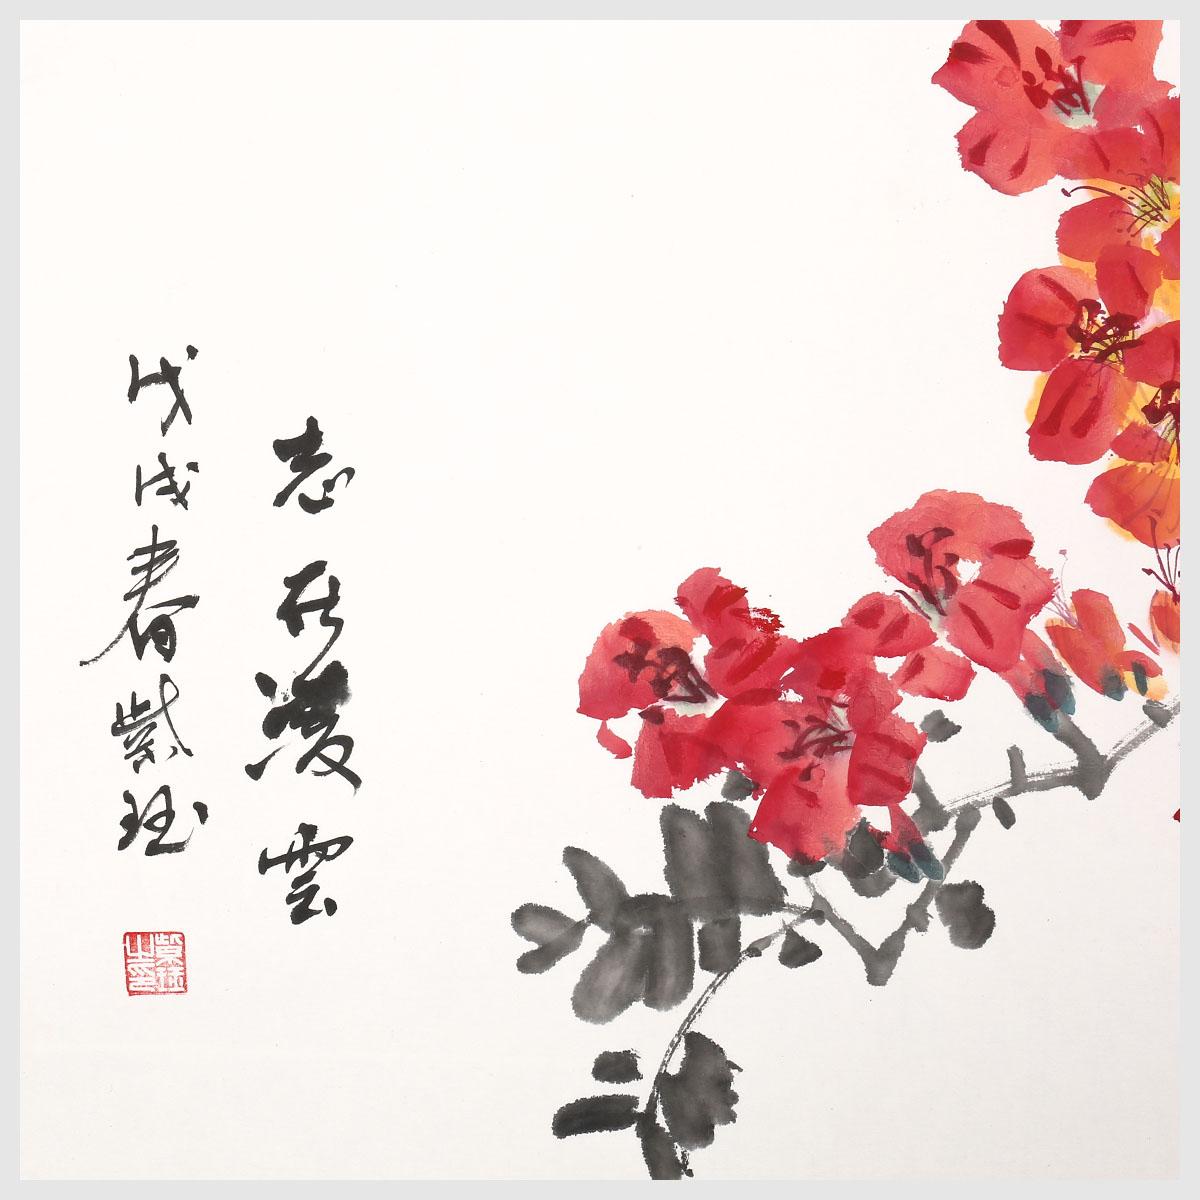 Latanie W Gałęzie Kwiaty I Ptaki Malarstwo ścienne Obrazy